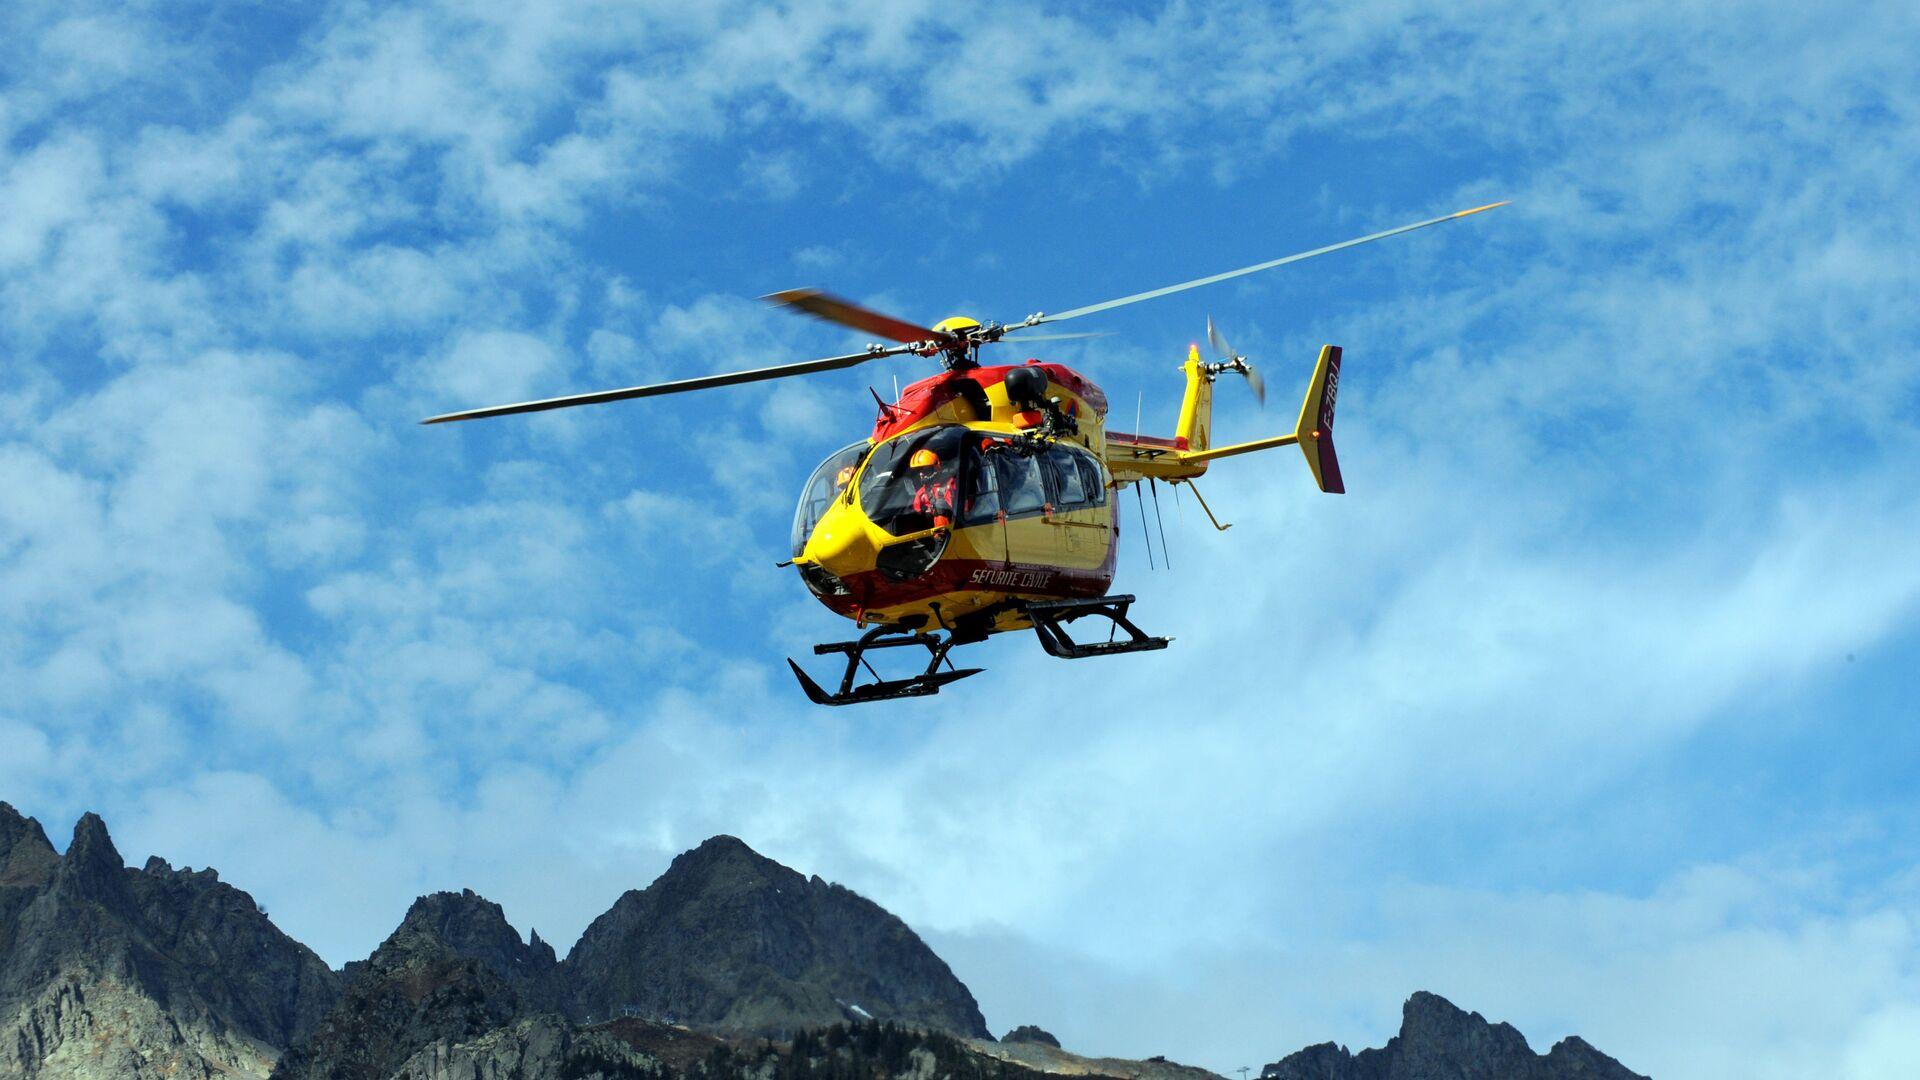 Záchranný vrtulník na italské straně hory Grandes Jorasses v Montblanském masivu. Ilustrační foto - Sputnik Česká republika, 1920, 25.08.2021